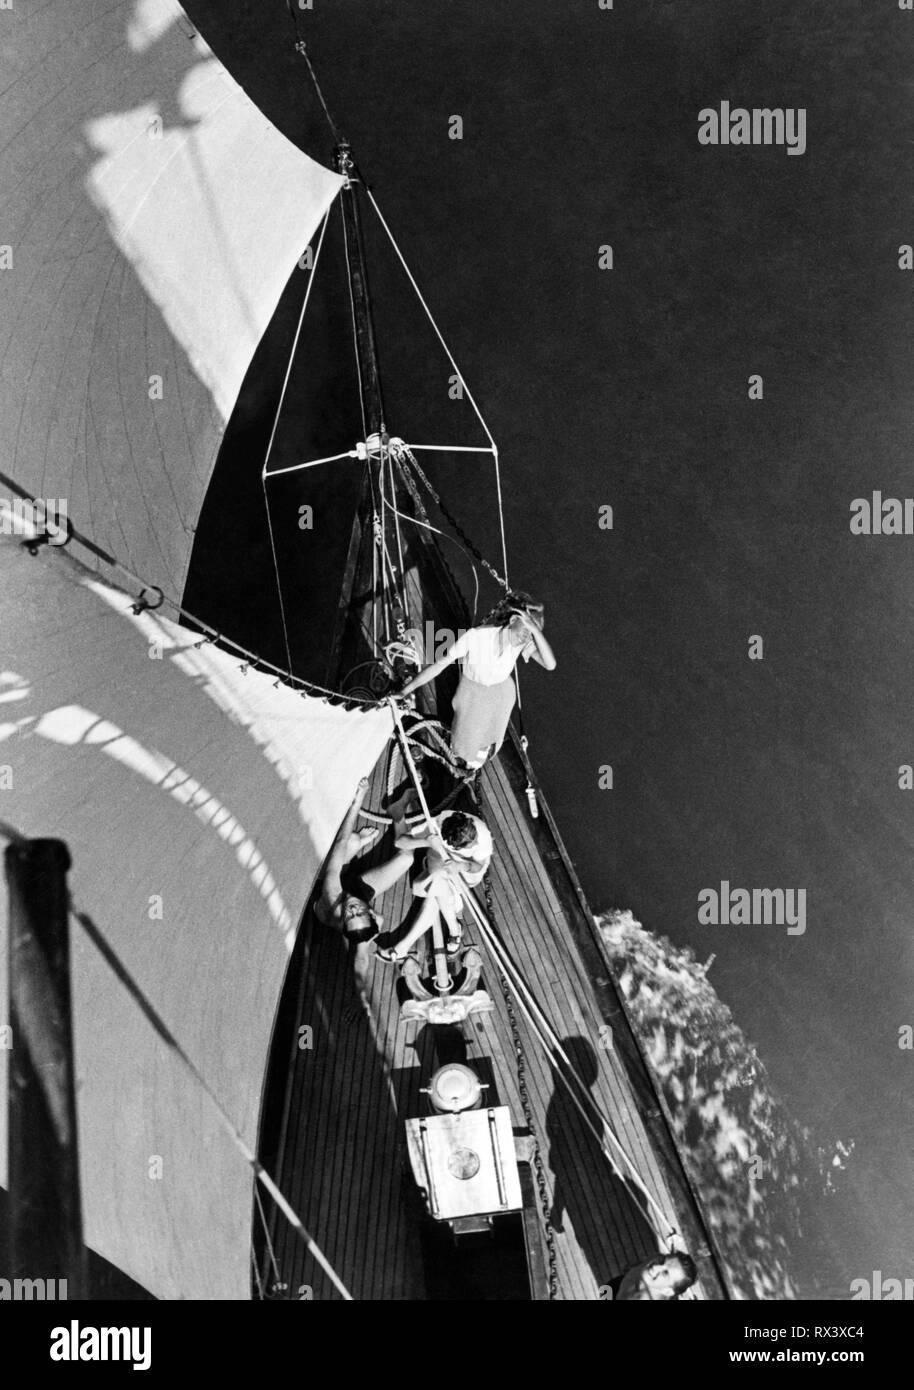 sailing boat, Venetian lagoon, veneto, italy 1955 - Stock Image